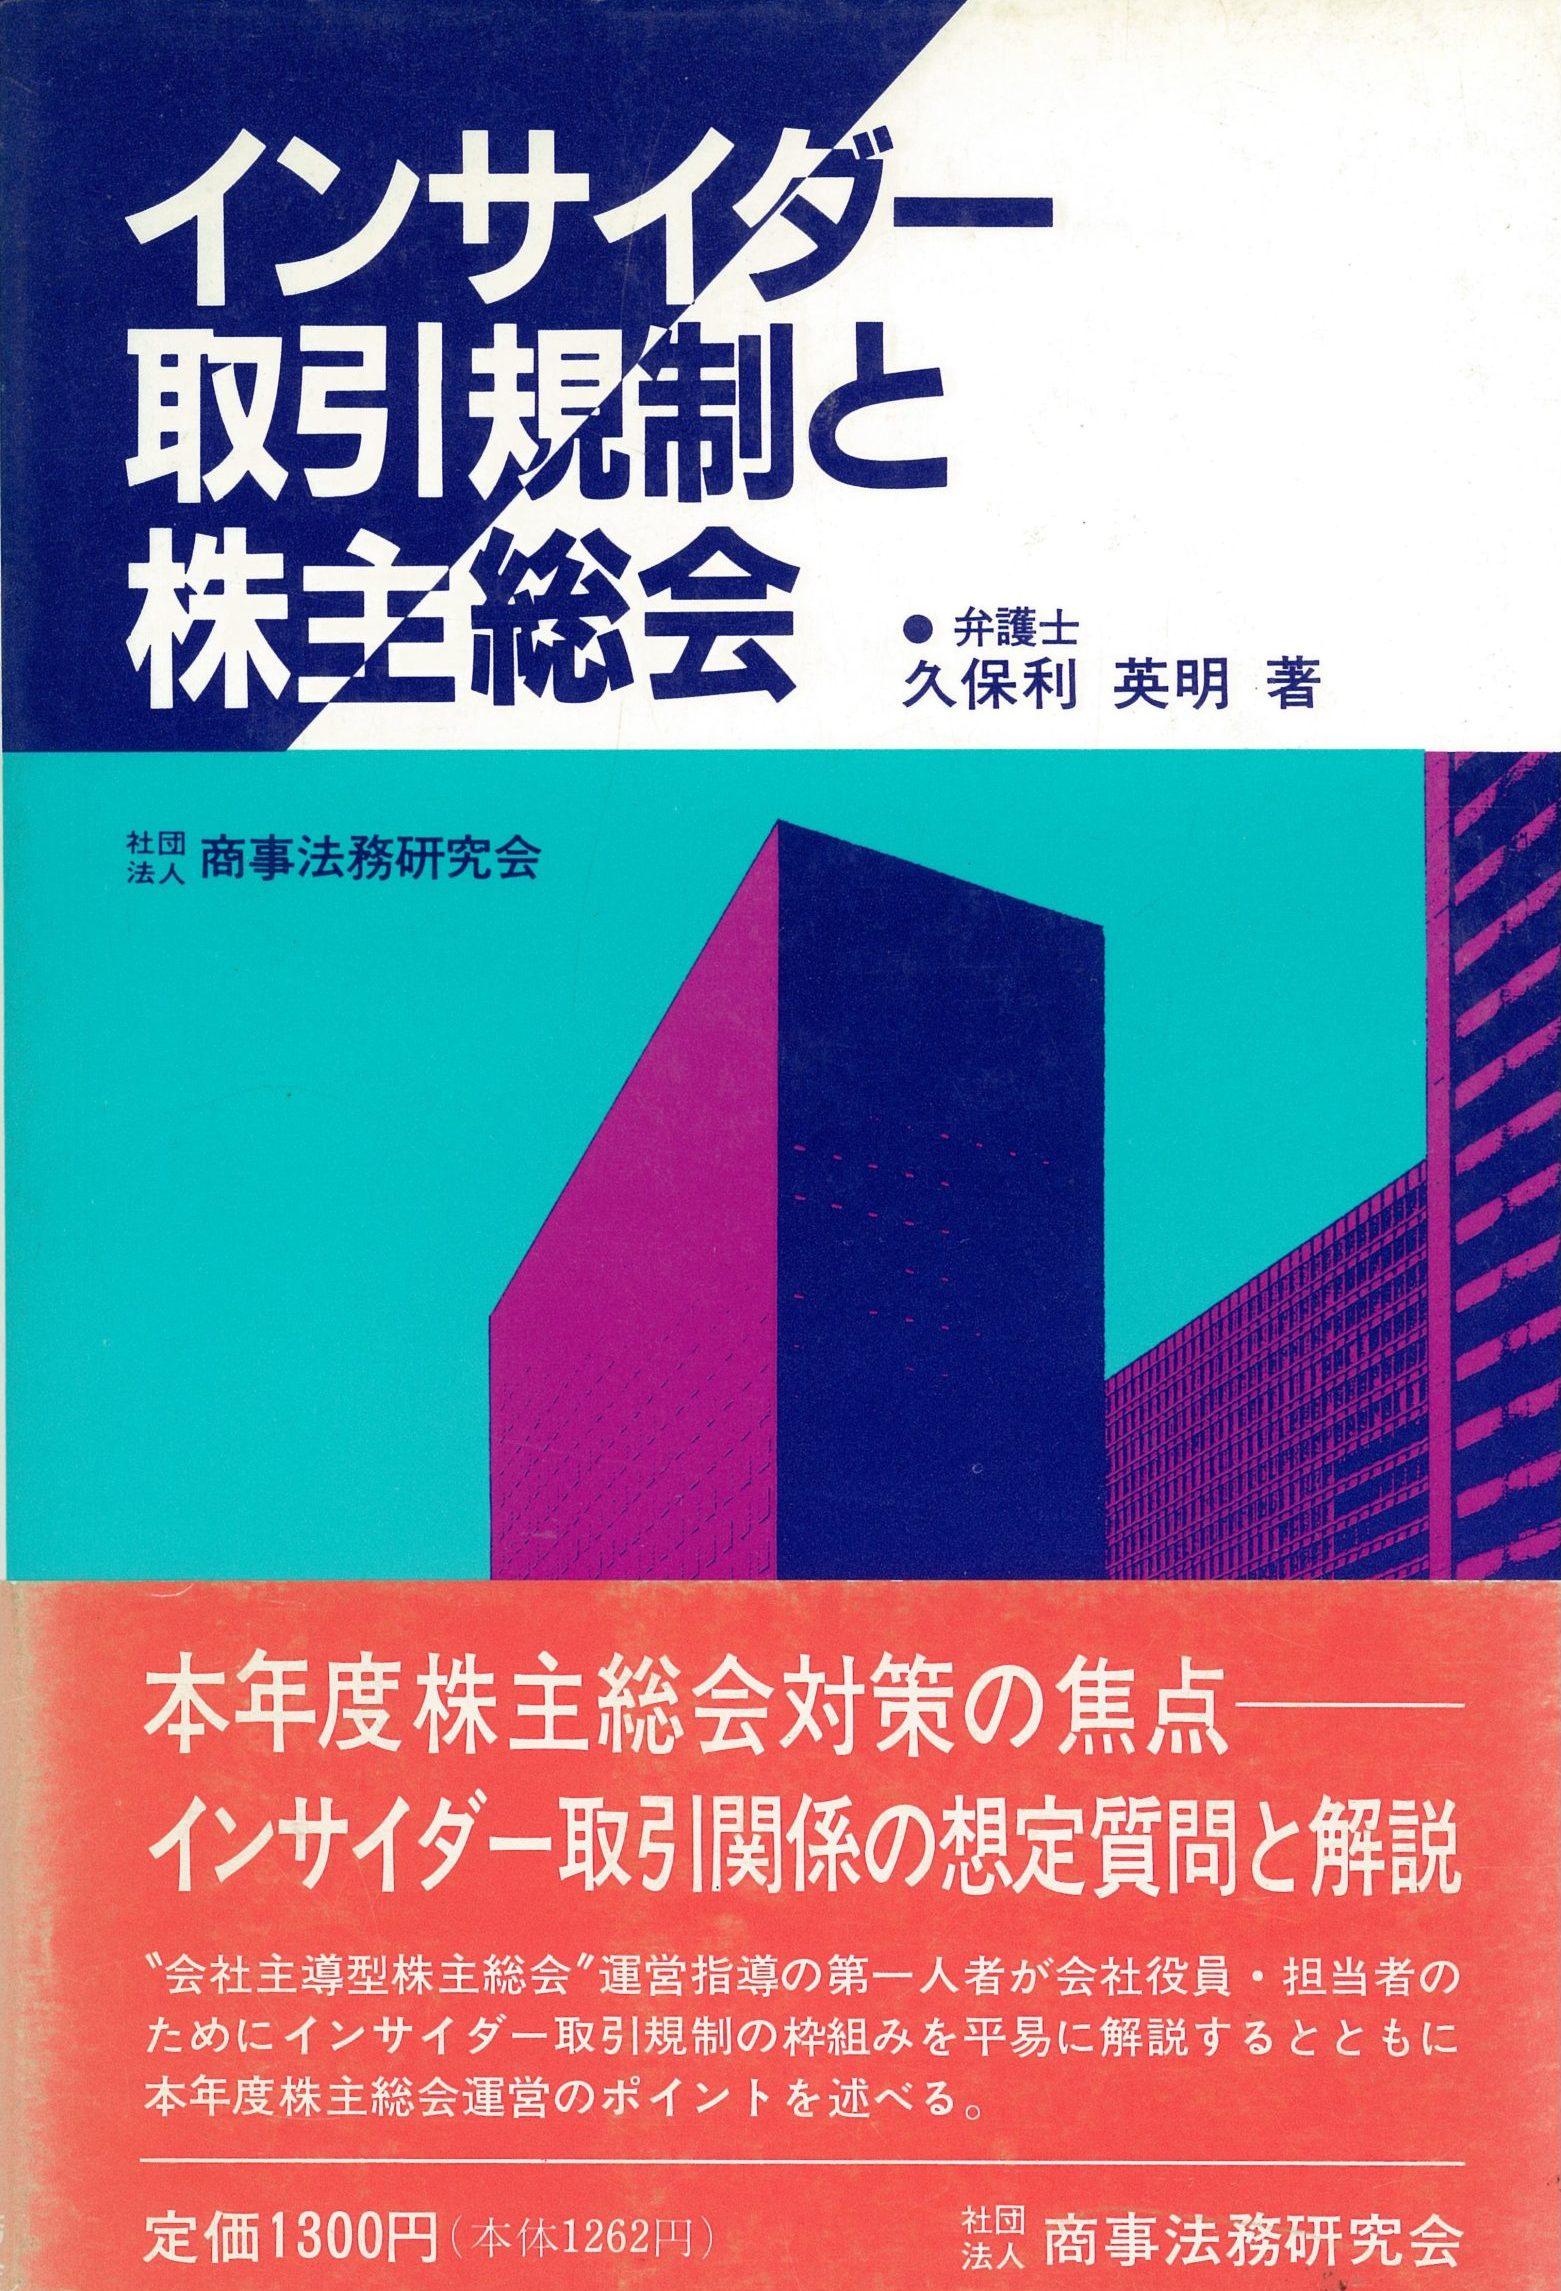 商事法務研究会   1989年4月